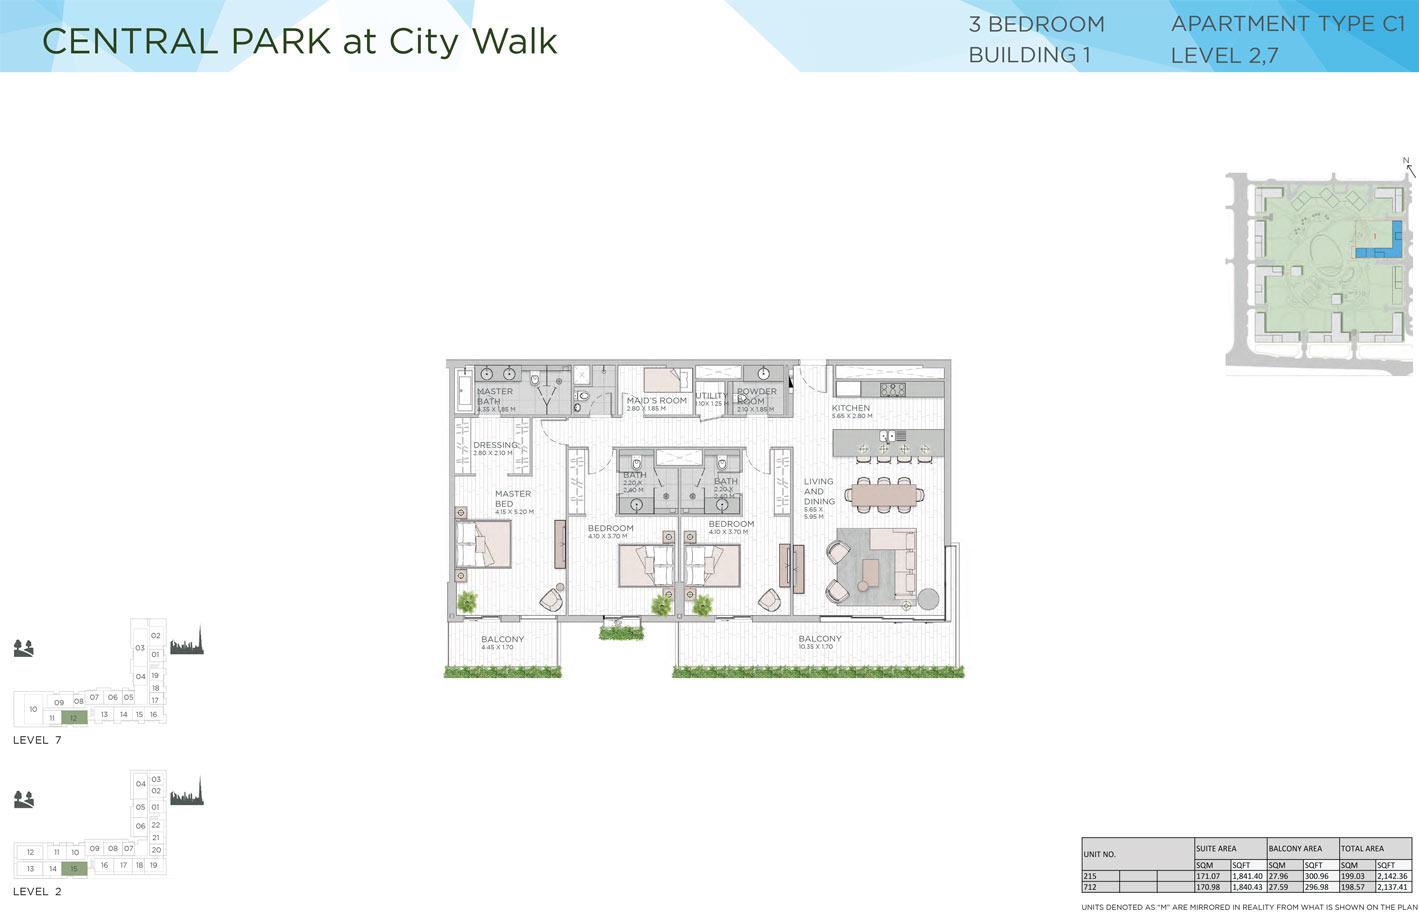 ثلاث غرف نوم، المبنى 1، المستوى 2-7 ، الفيئة C1 ، حجم 2142 - 2137 قدم مربع